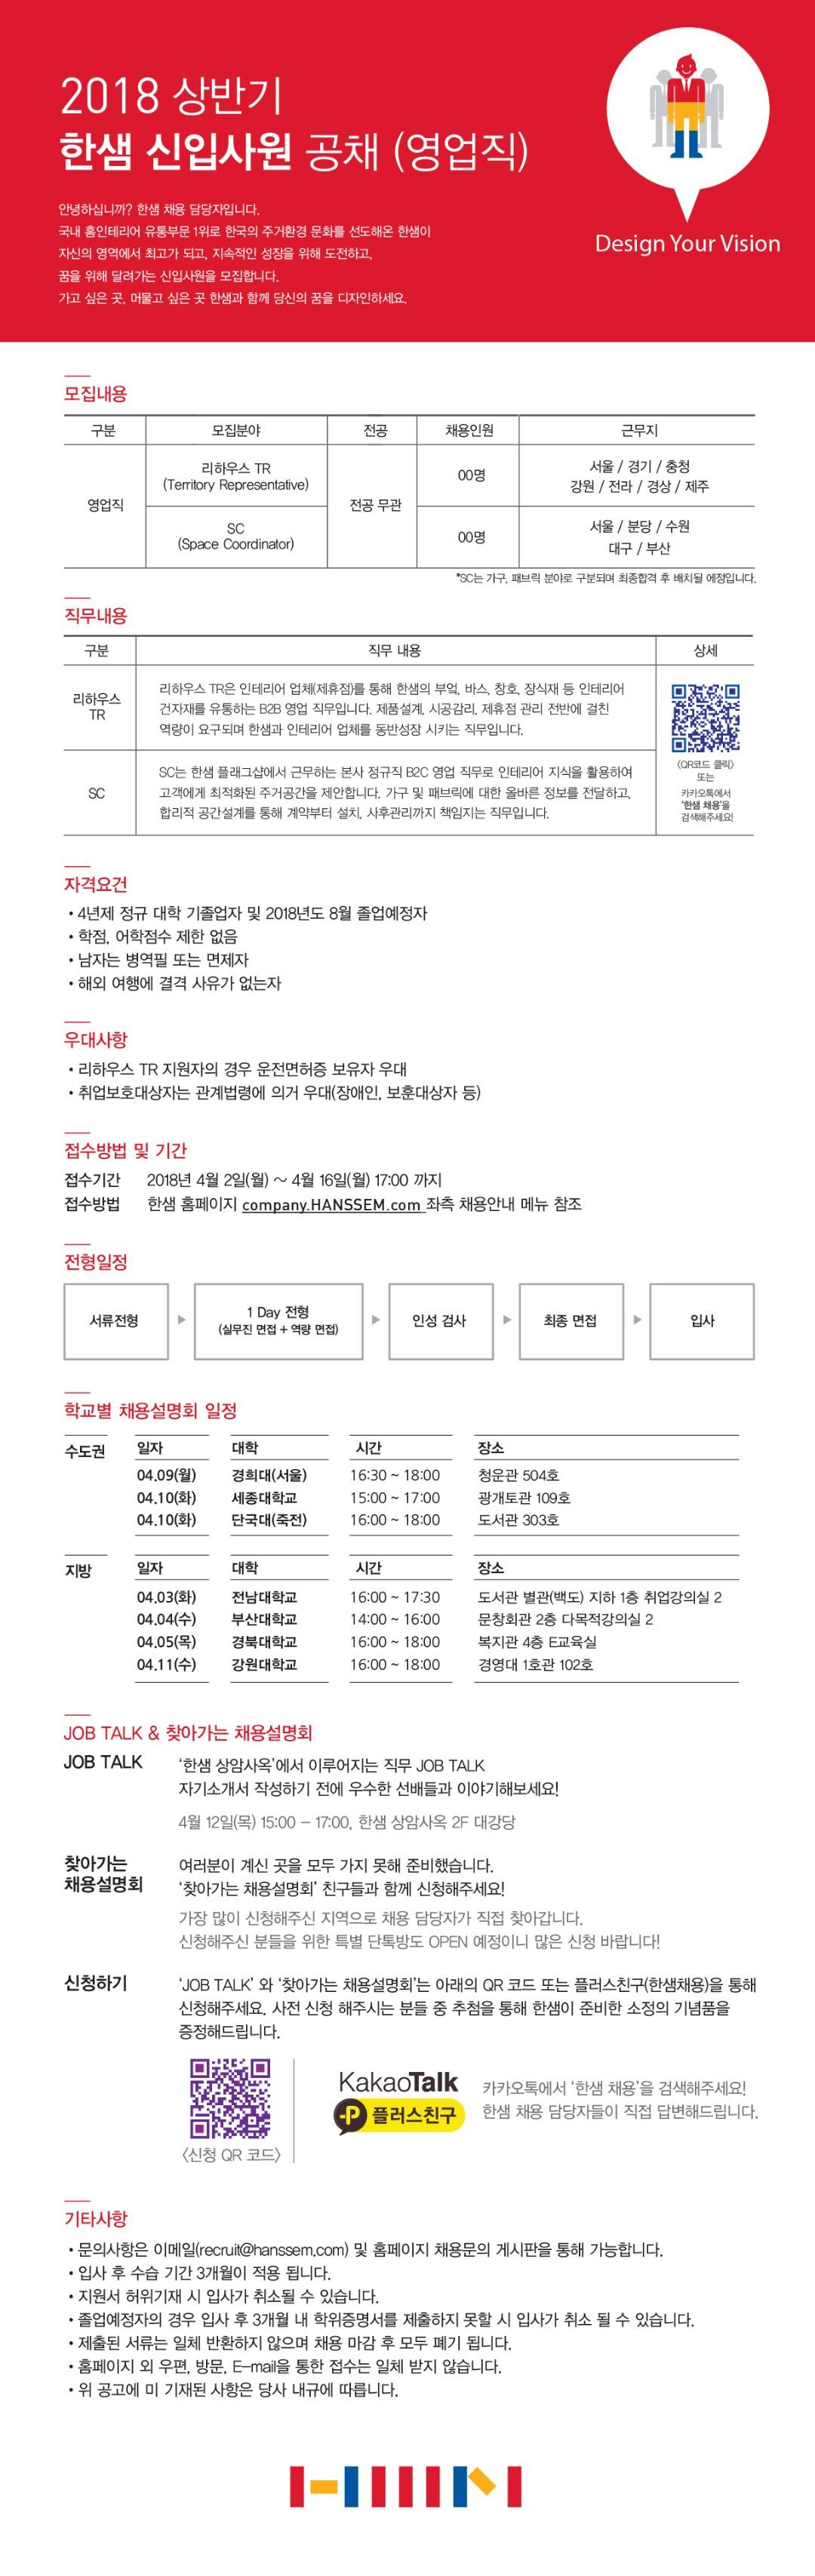 [한샘] 2018 상반기 신입사원 공개채용(영업직) 모집요강.jpg